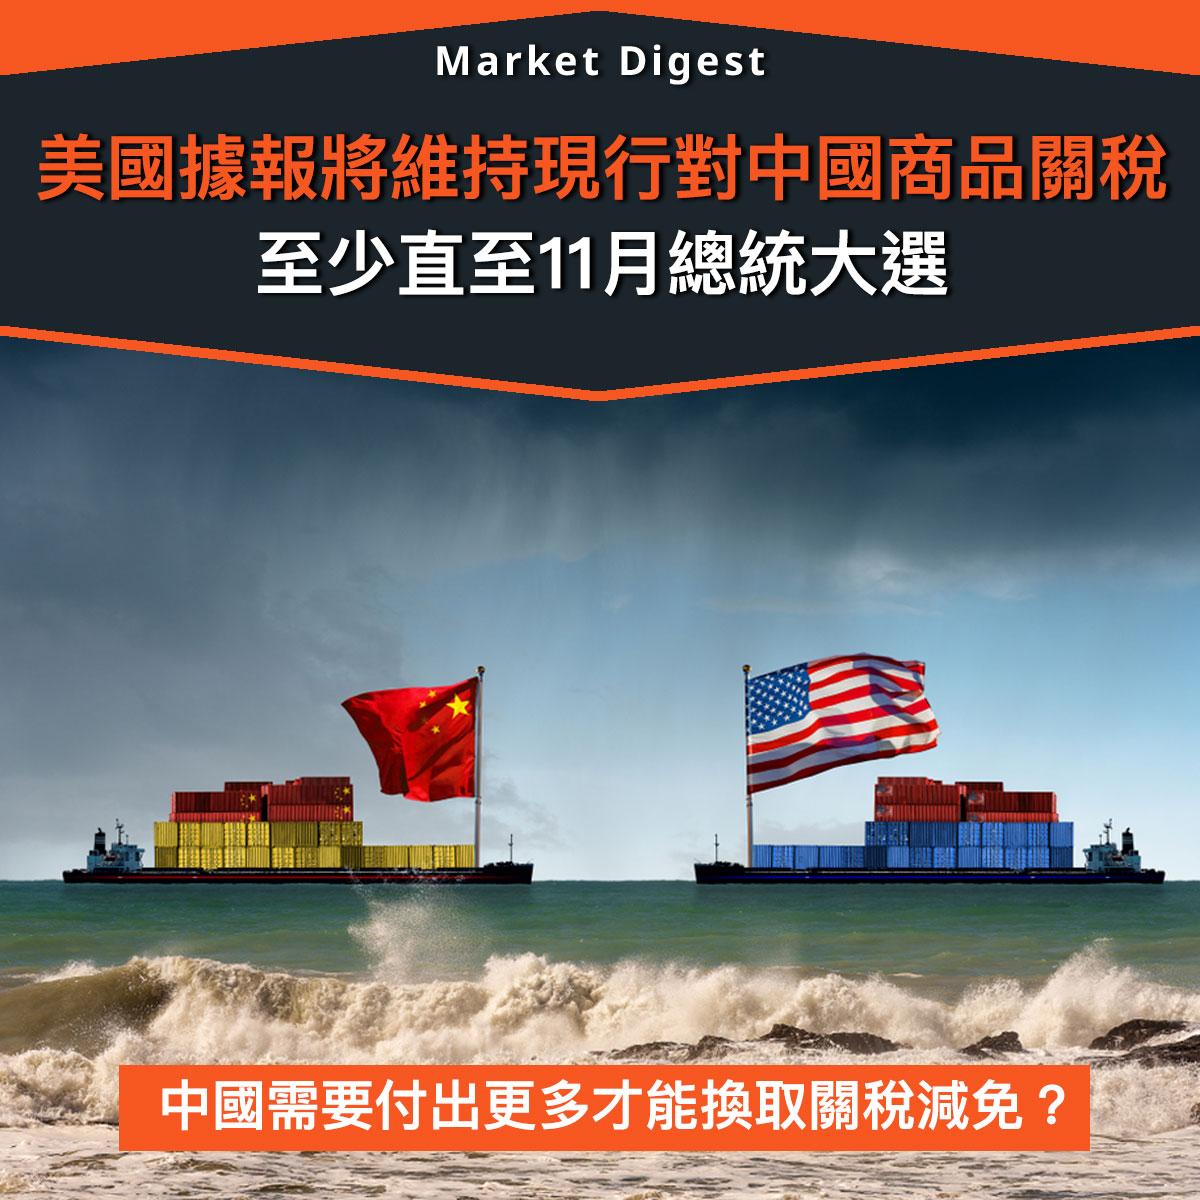 【中美貿易戰】美國據報將維持現行對中國商品關稅,至少直至11月總統大選